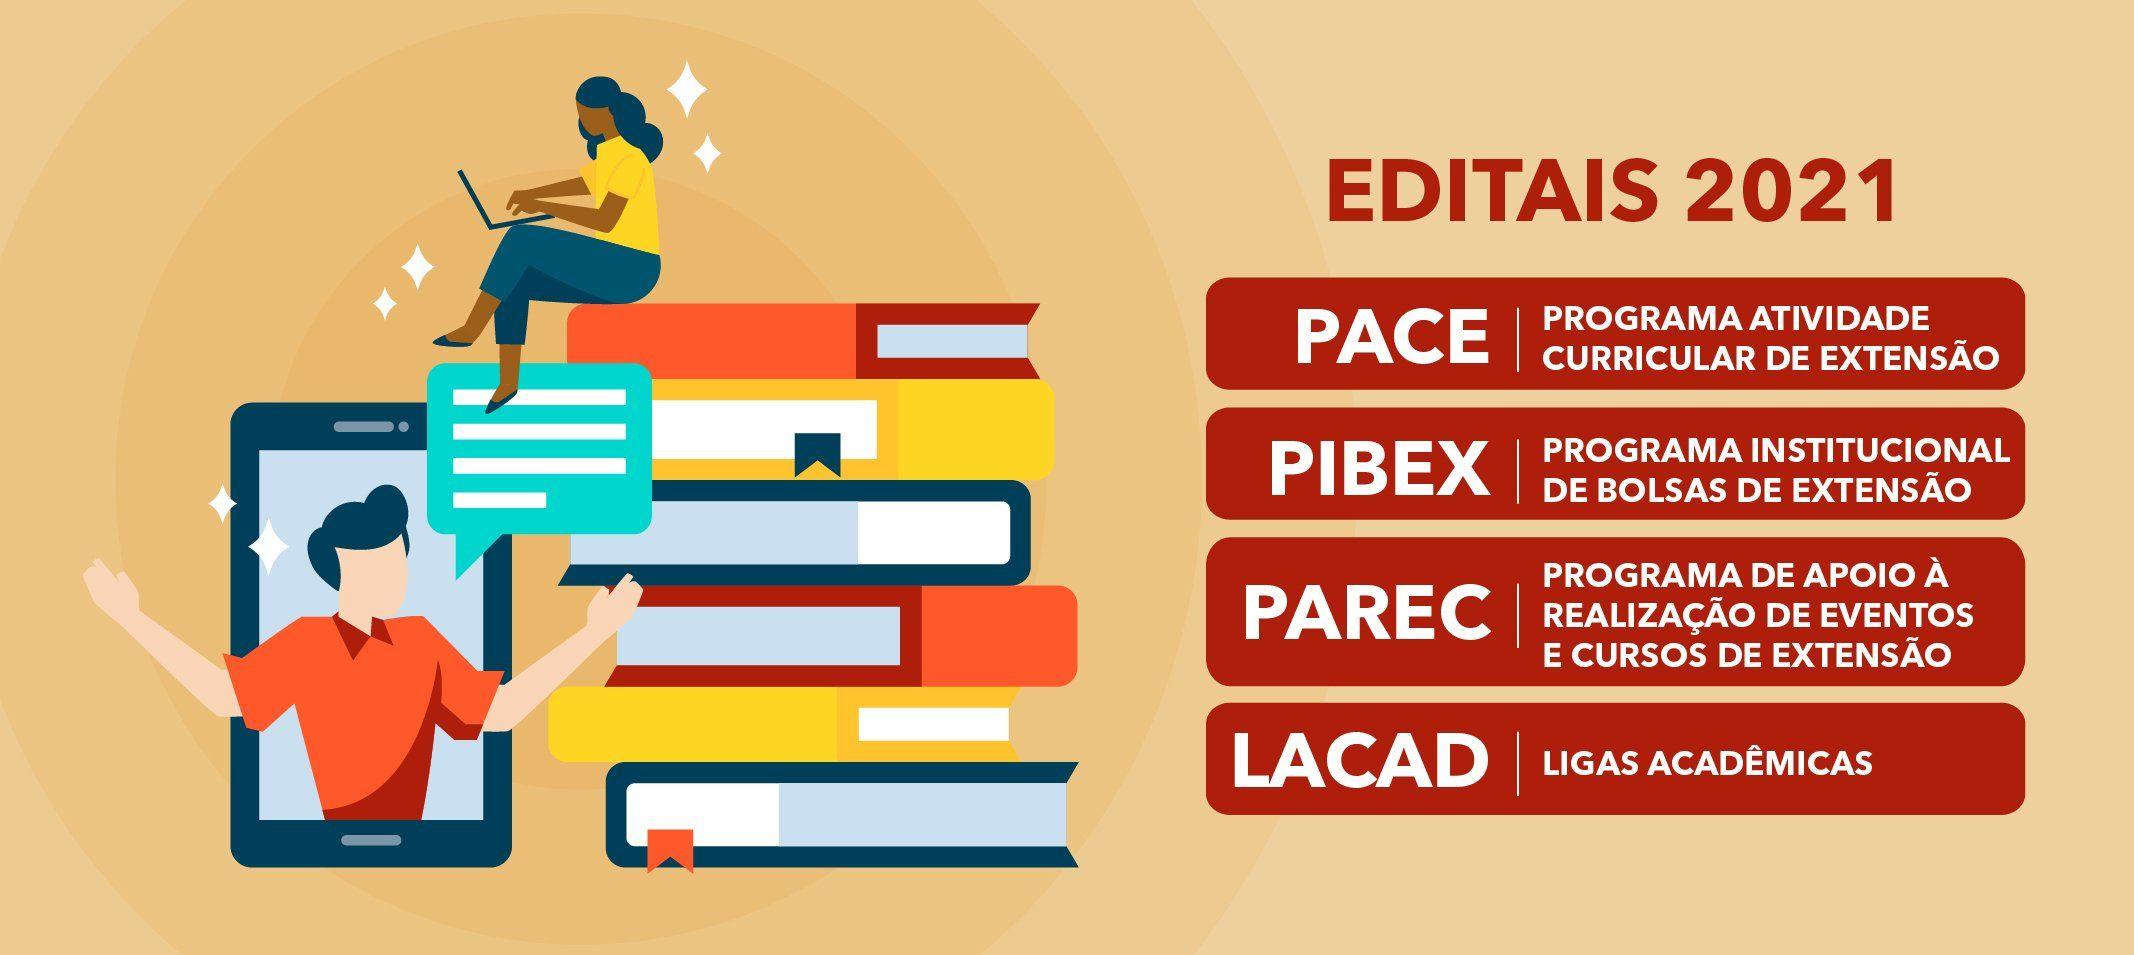 Proext publica editais 2021 de Pace, Pibex, Parec e Lacad